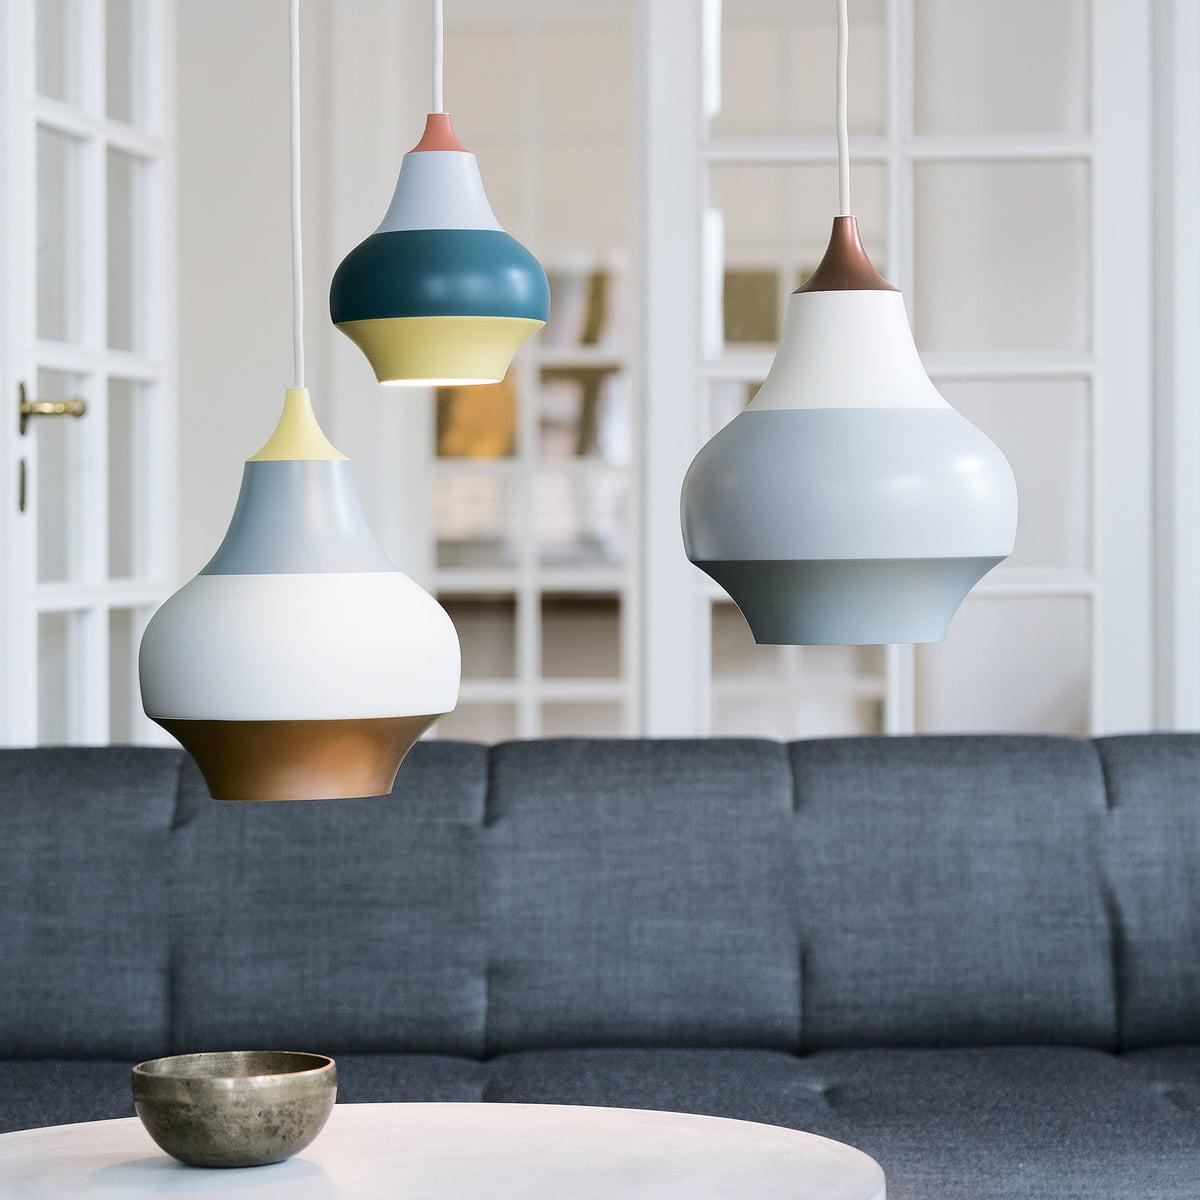 Cirque Pendant Lamp 38cm By Louis Poulsen